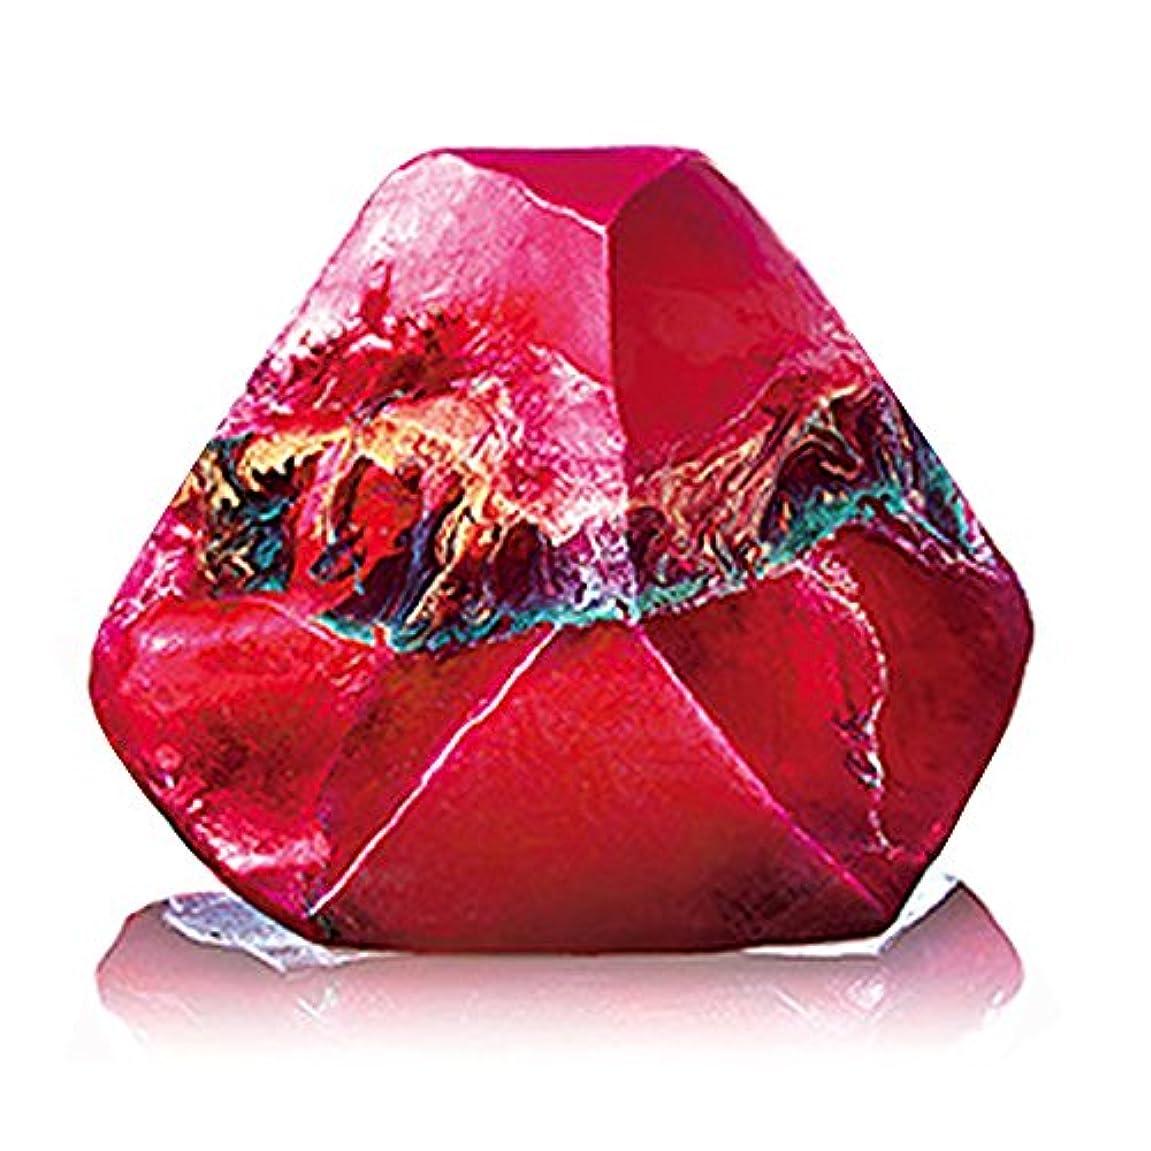 仕事に行くチューインガムアルバムSavons Gemme サボンジェム 世界で一番美しい宝石石鹸 フレグランス ソープ ガーネット 170g